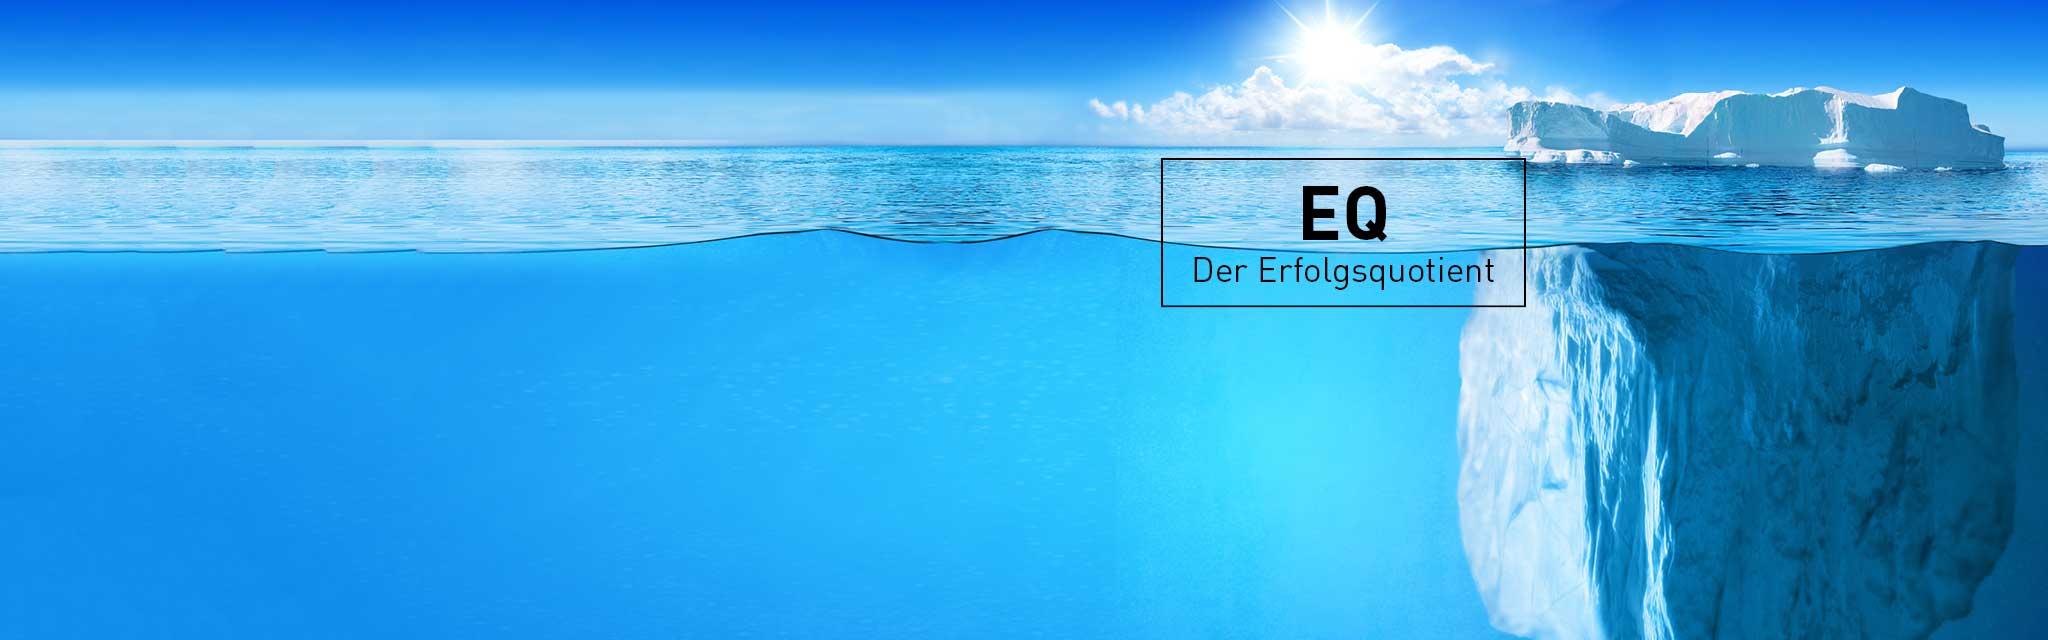 EQ - Der Erfolgsquotient